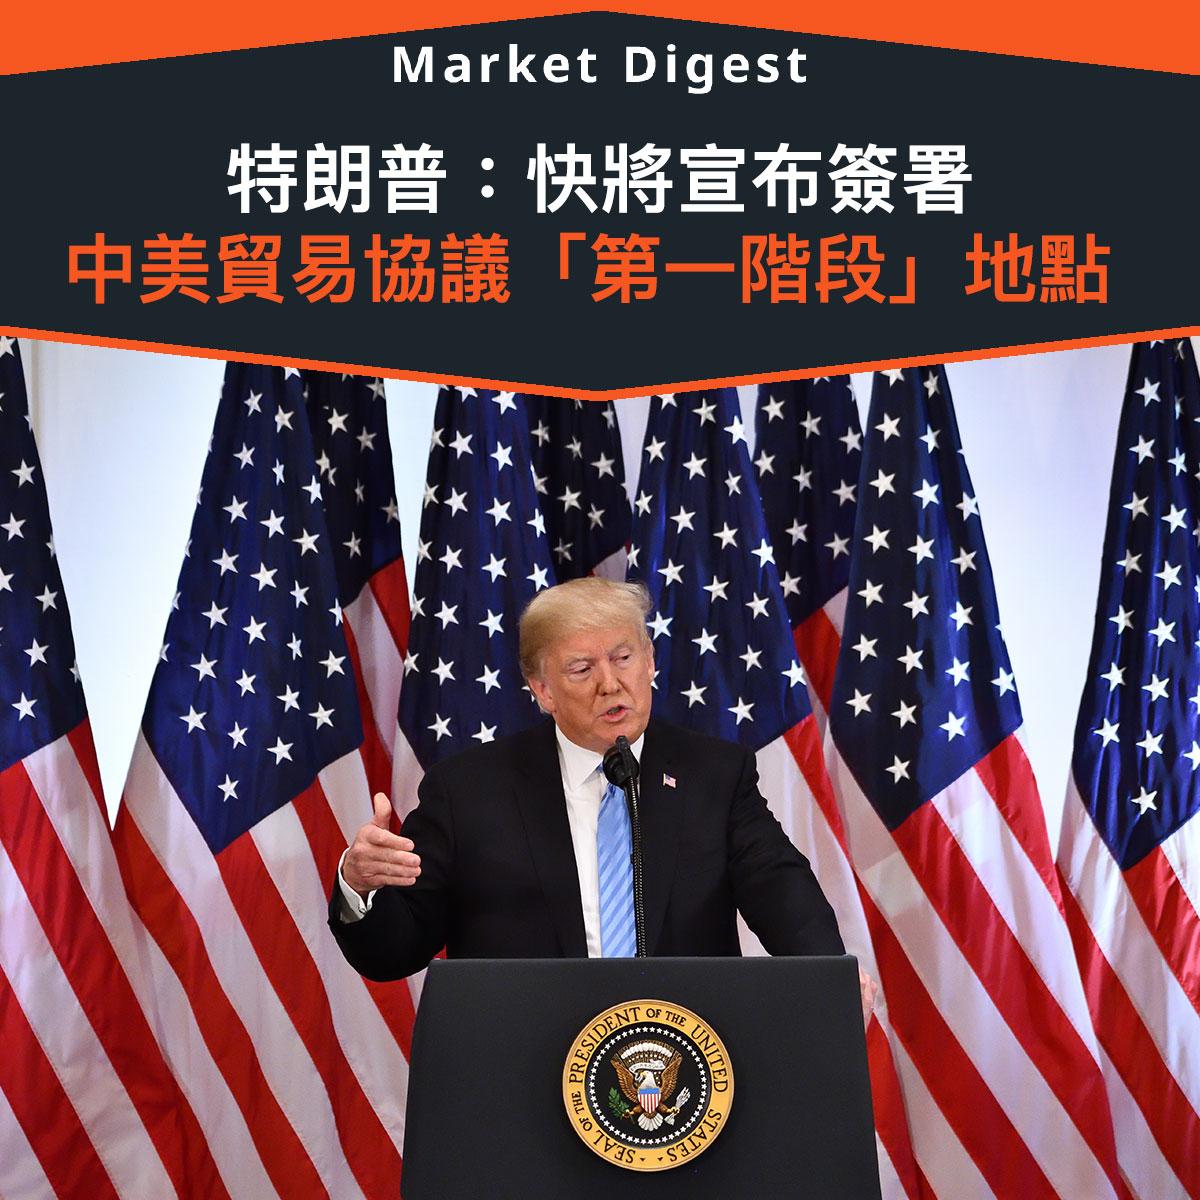 【市場熱話】特朗普:快將宣布簽署中美貿易協議「第一階段」地點